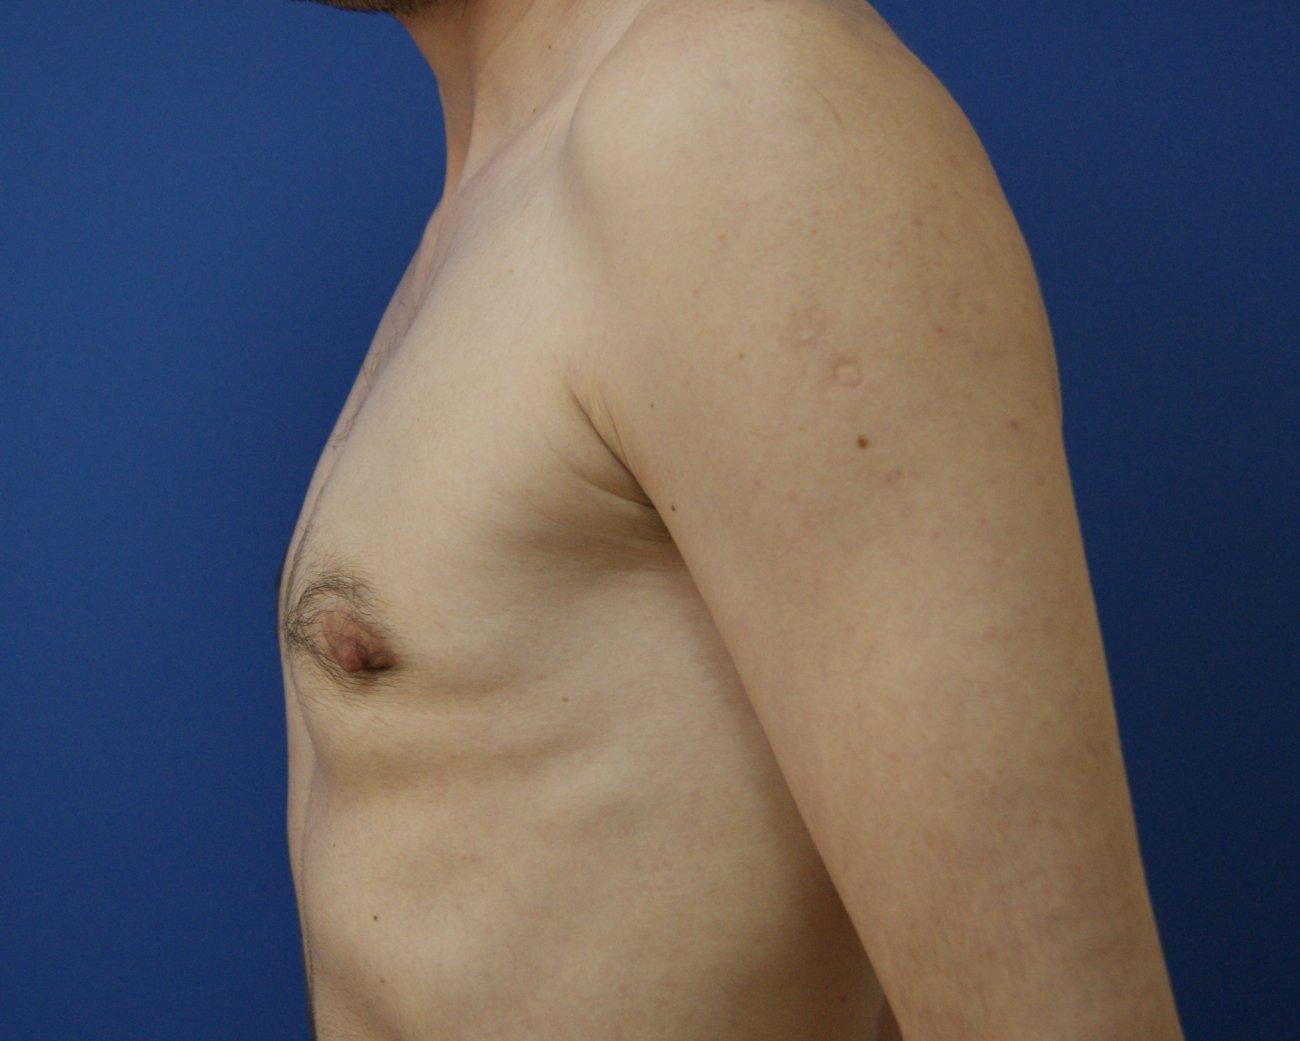 Гинекомастия у женщин и девочек: что это такое, симптомы, диагностика и лечение